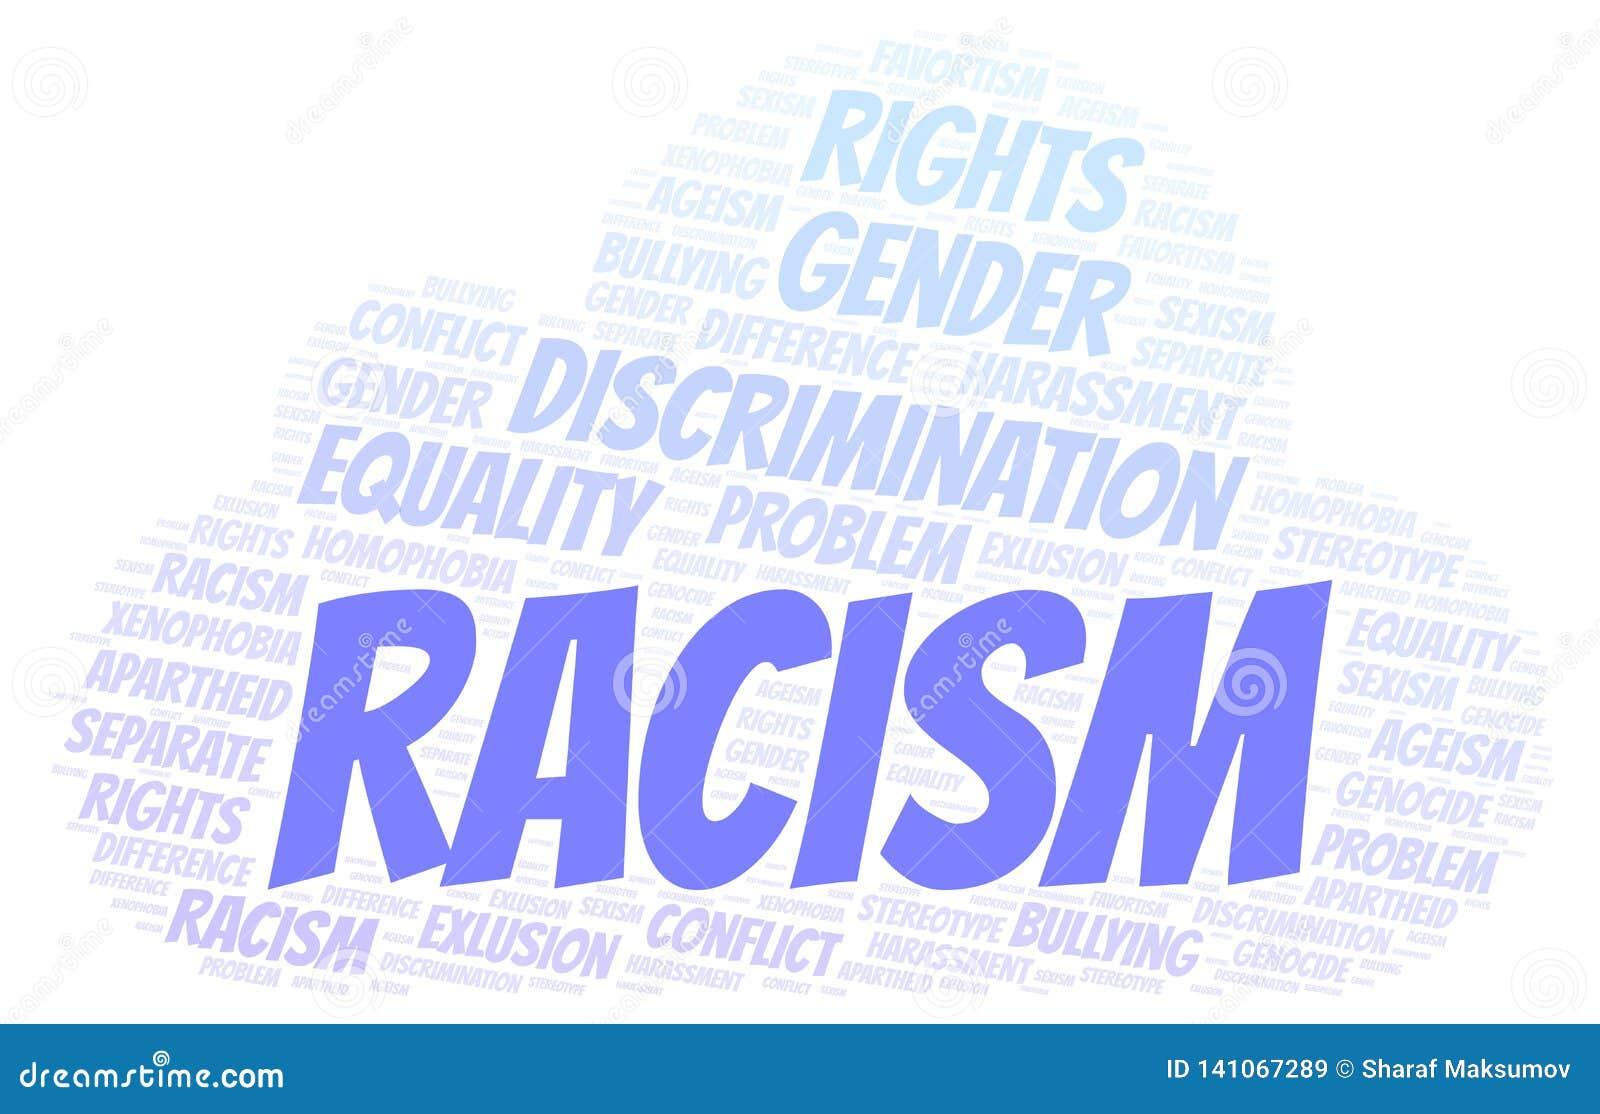 Rassismus - Art der Unterscheidung - Wortwolke